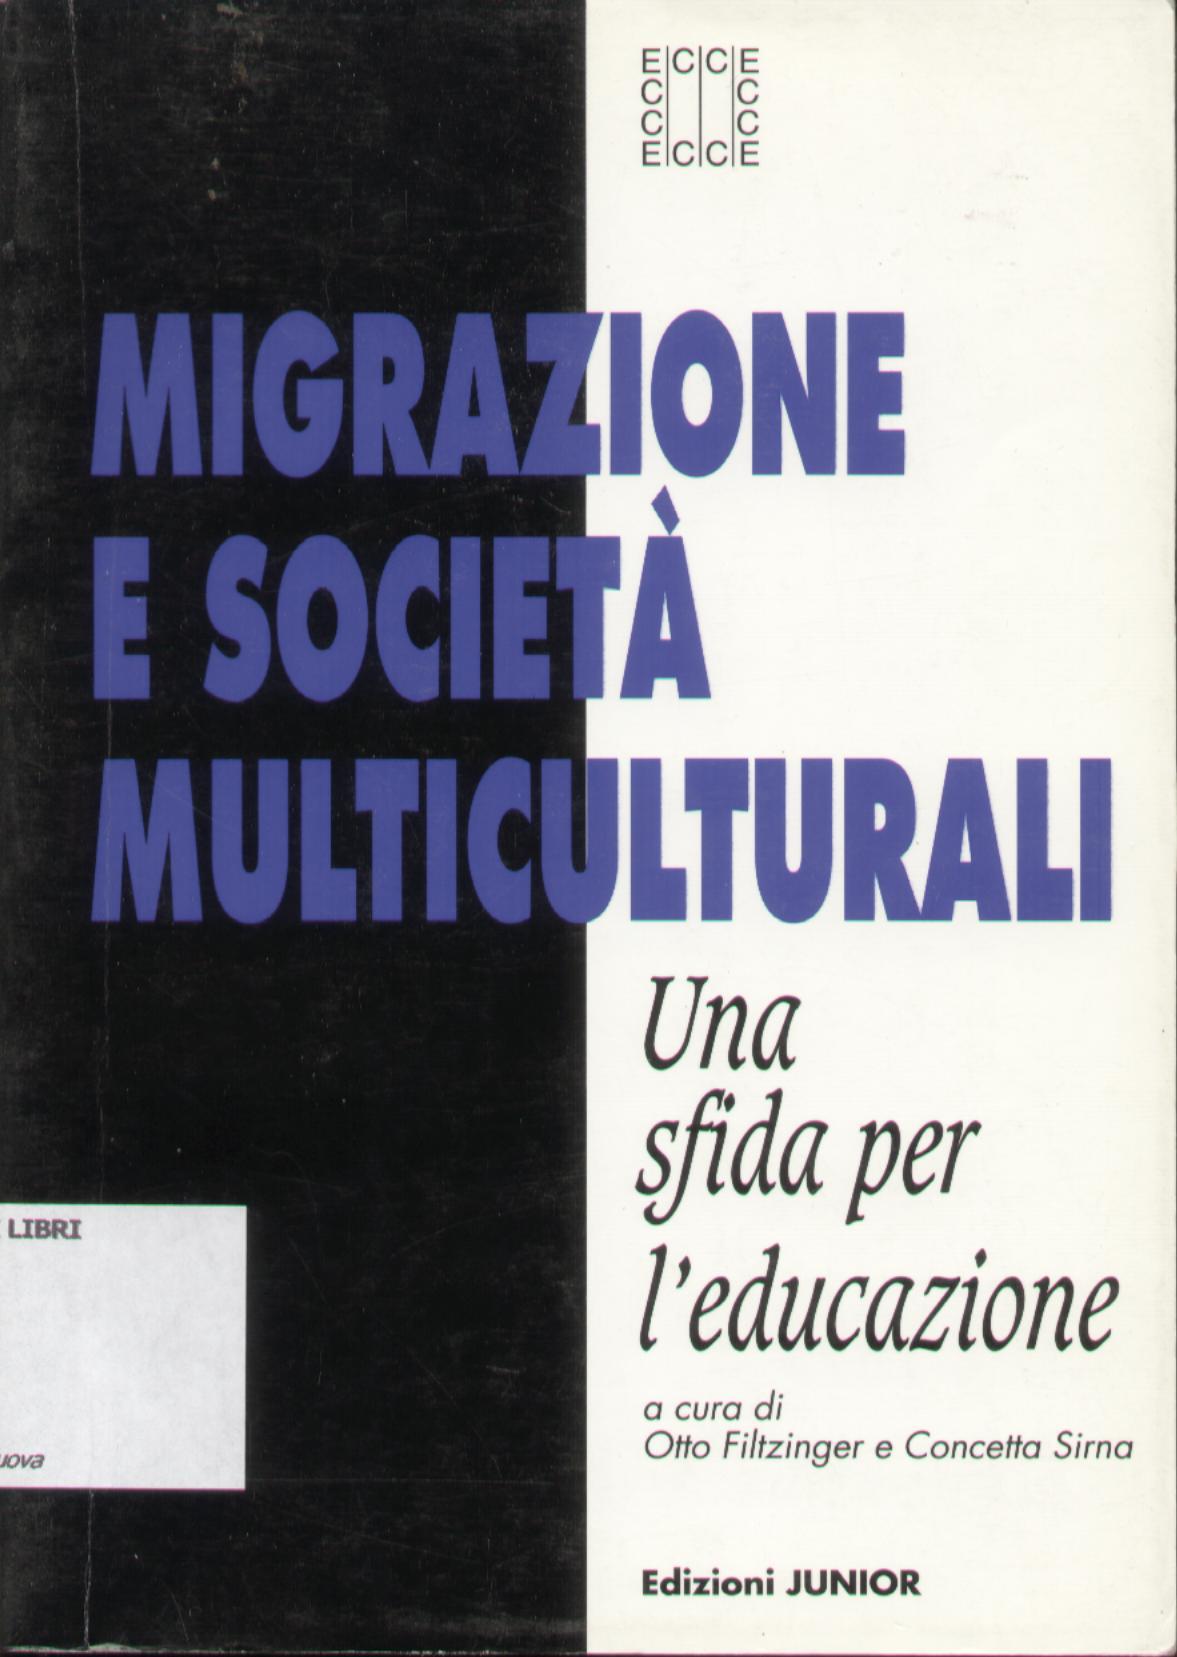 Migrazione e società multiculturali